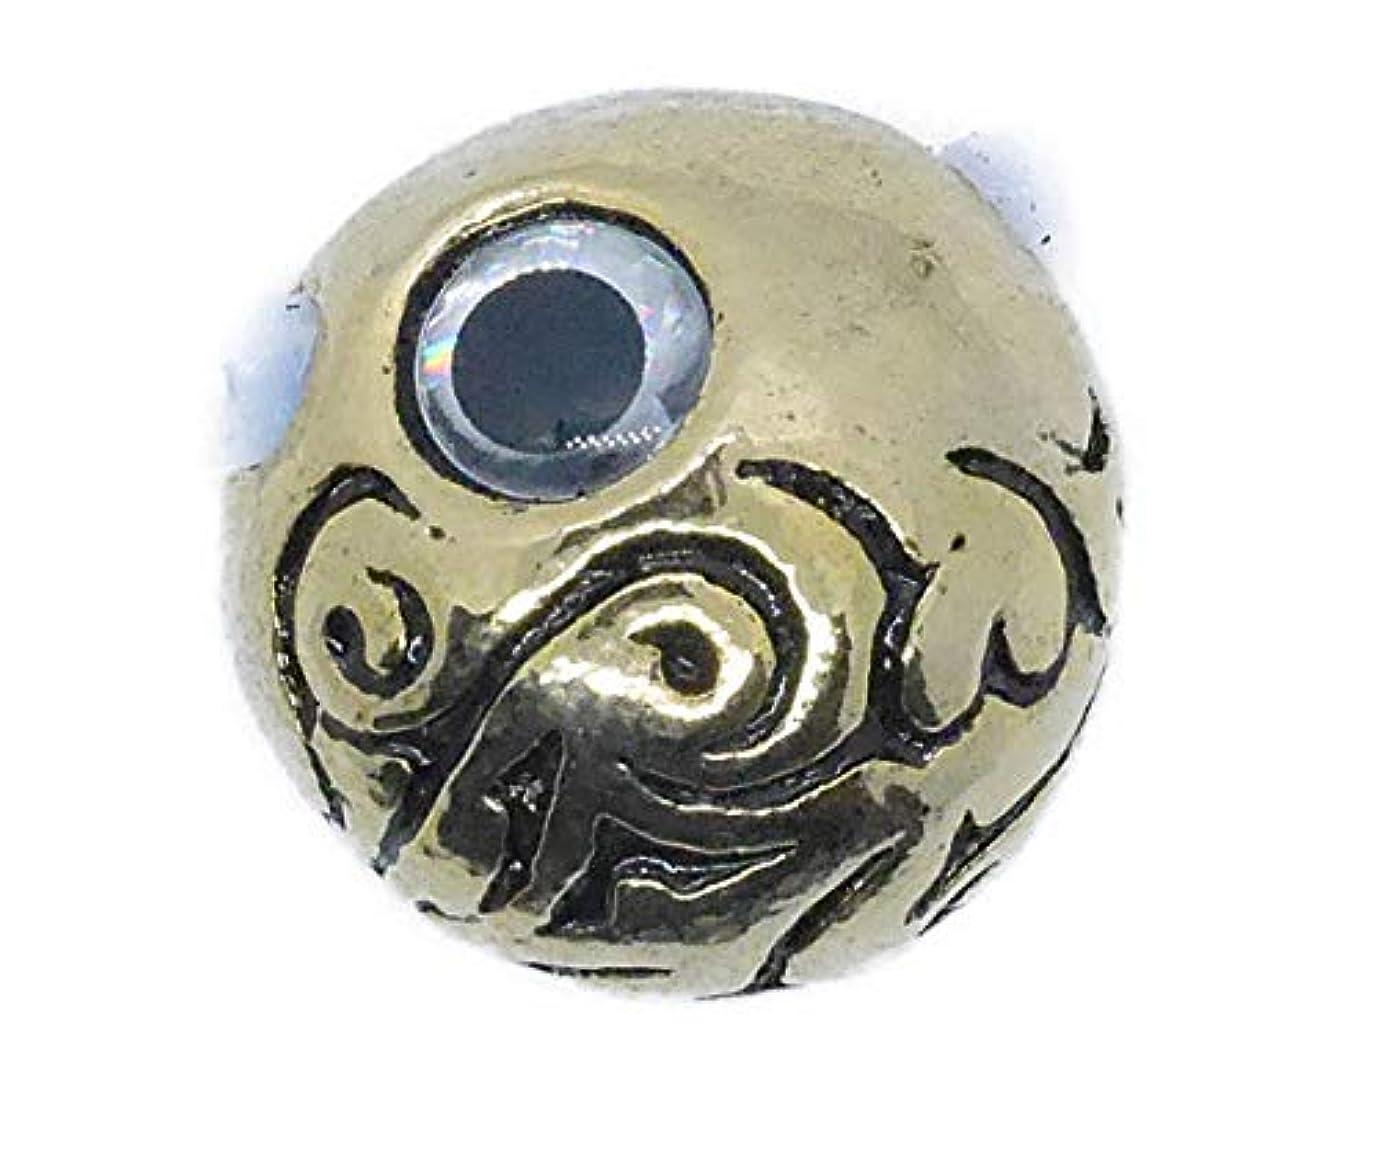 掘るメトリックバラバラにするマダイダマ タイラバ(鯛ラバ) 60g ゴールド